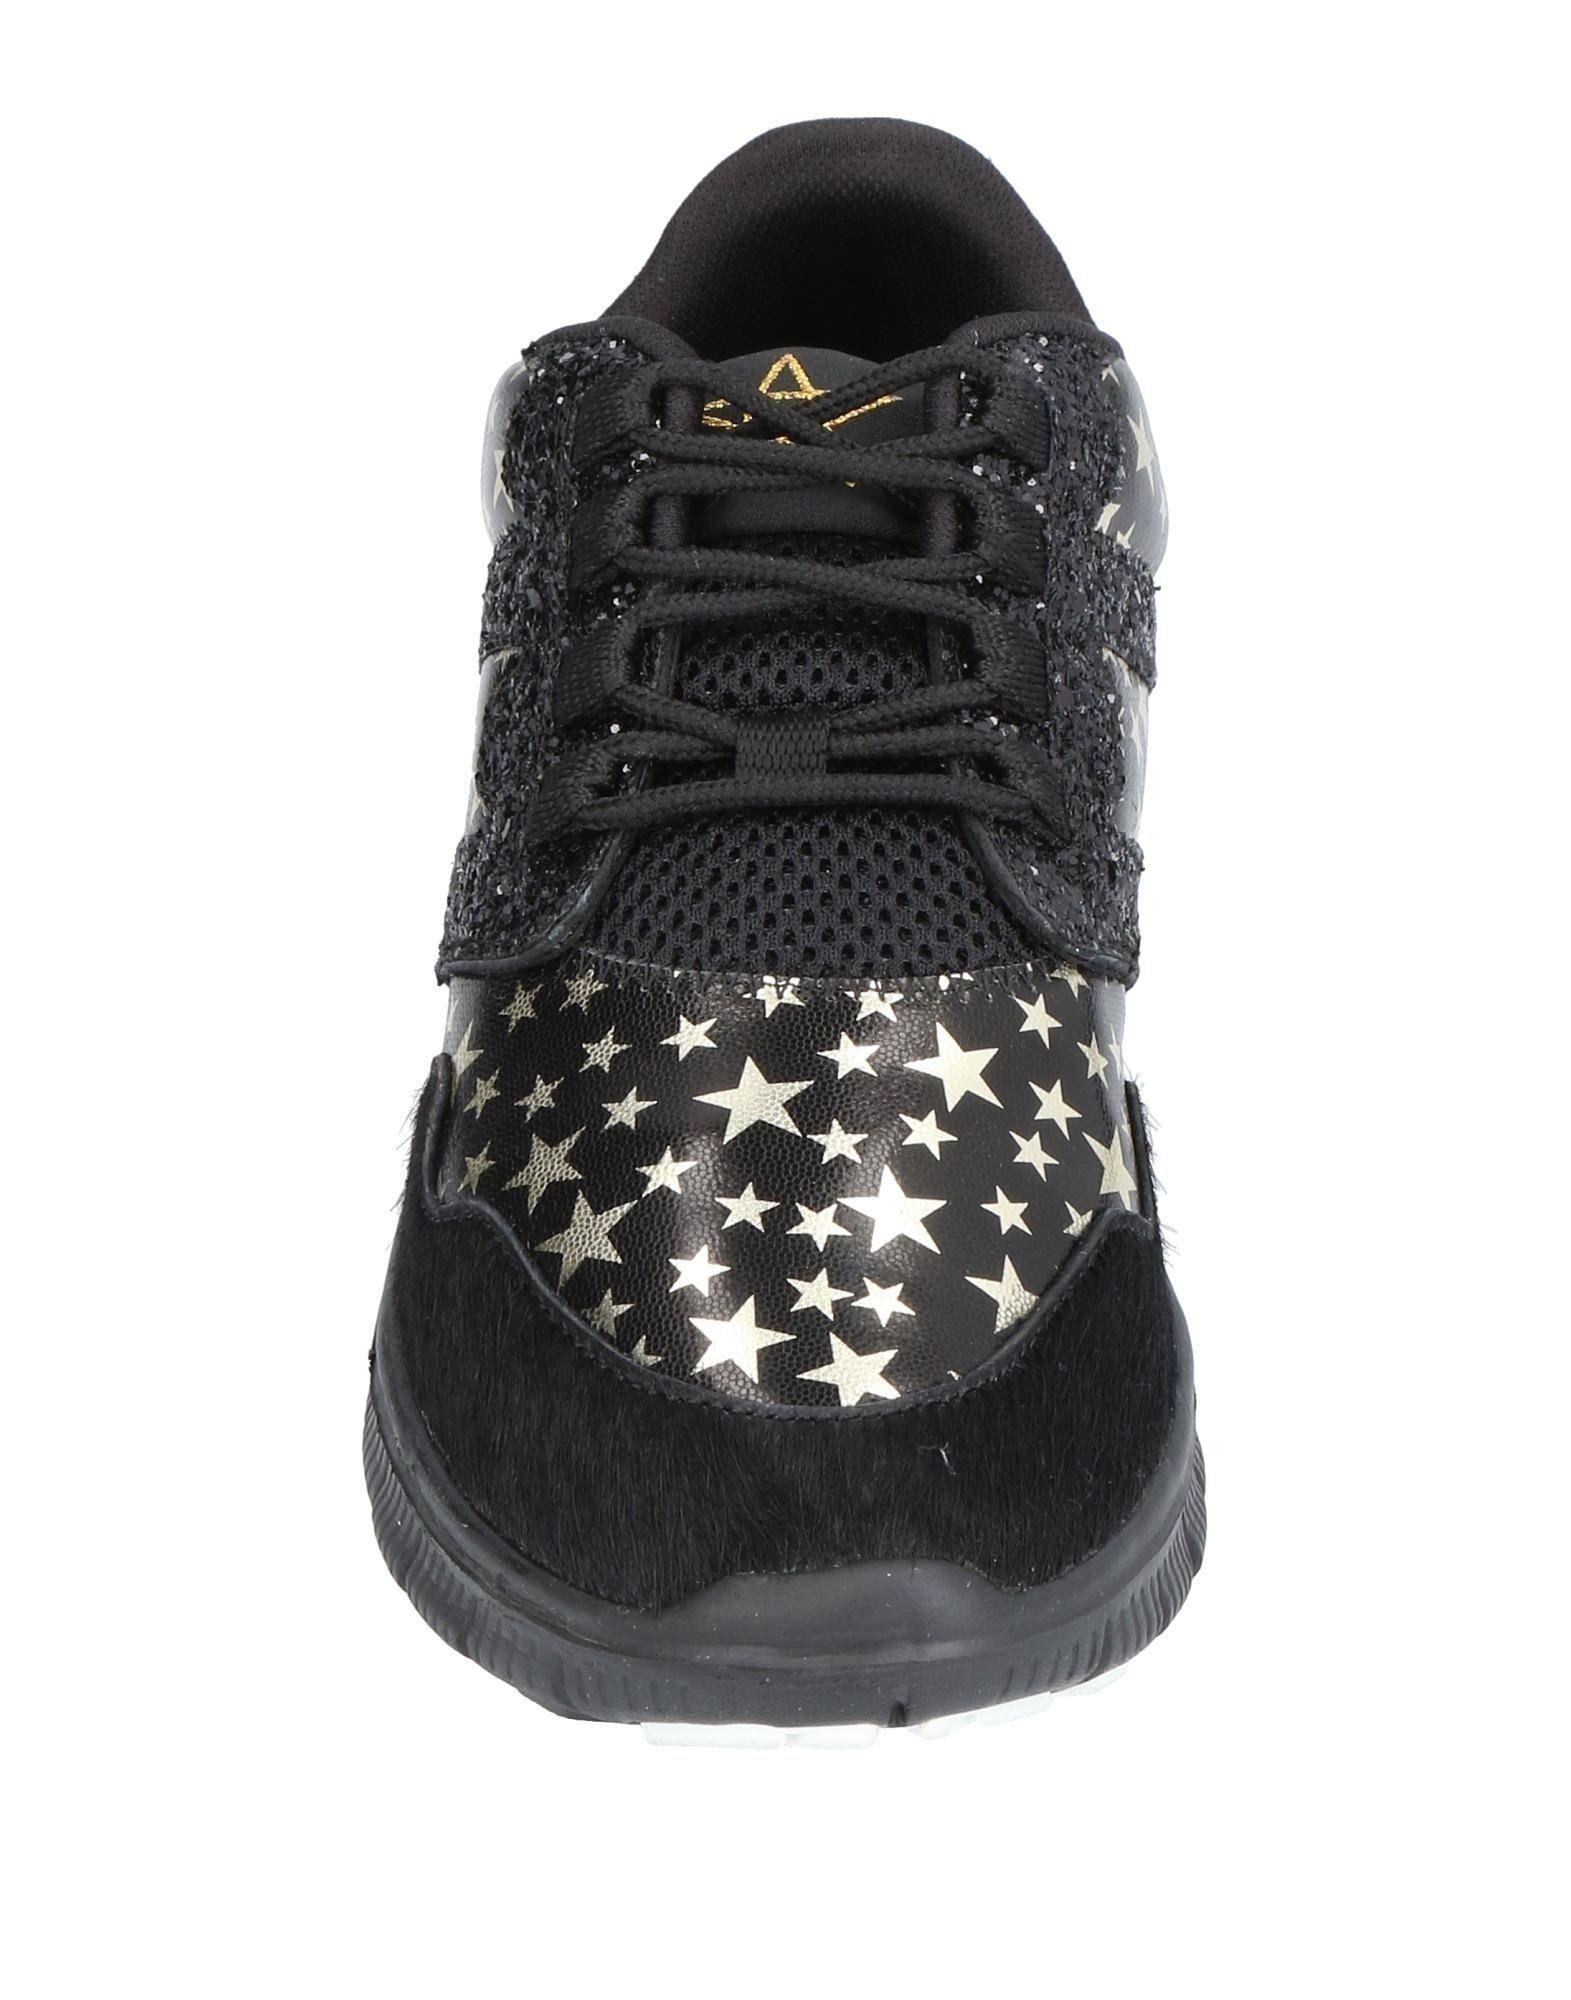 Roberto Della Gute Croce Sneakers Damen  11456015UL Gute Della Qualität beliebte Schuhe 66ab66